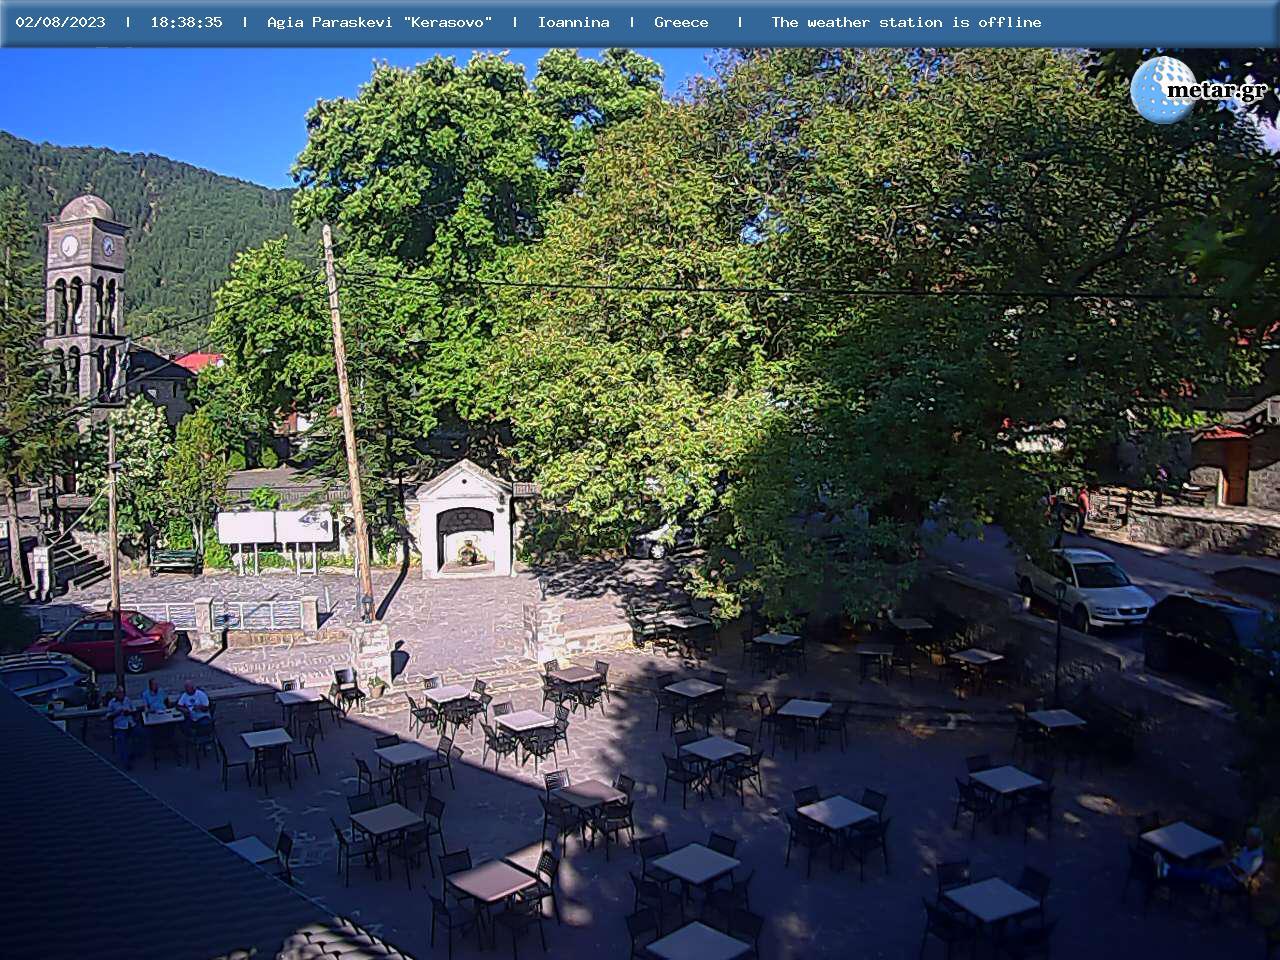 Webcam Κεράσοβο Ιωαννίων